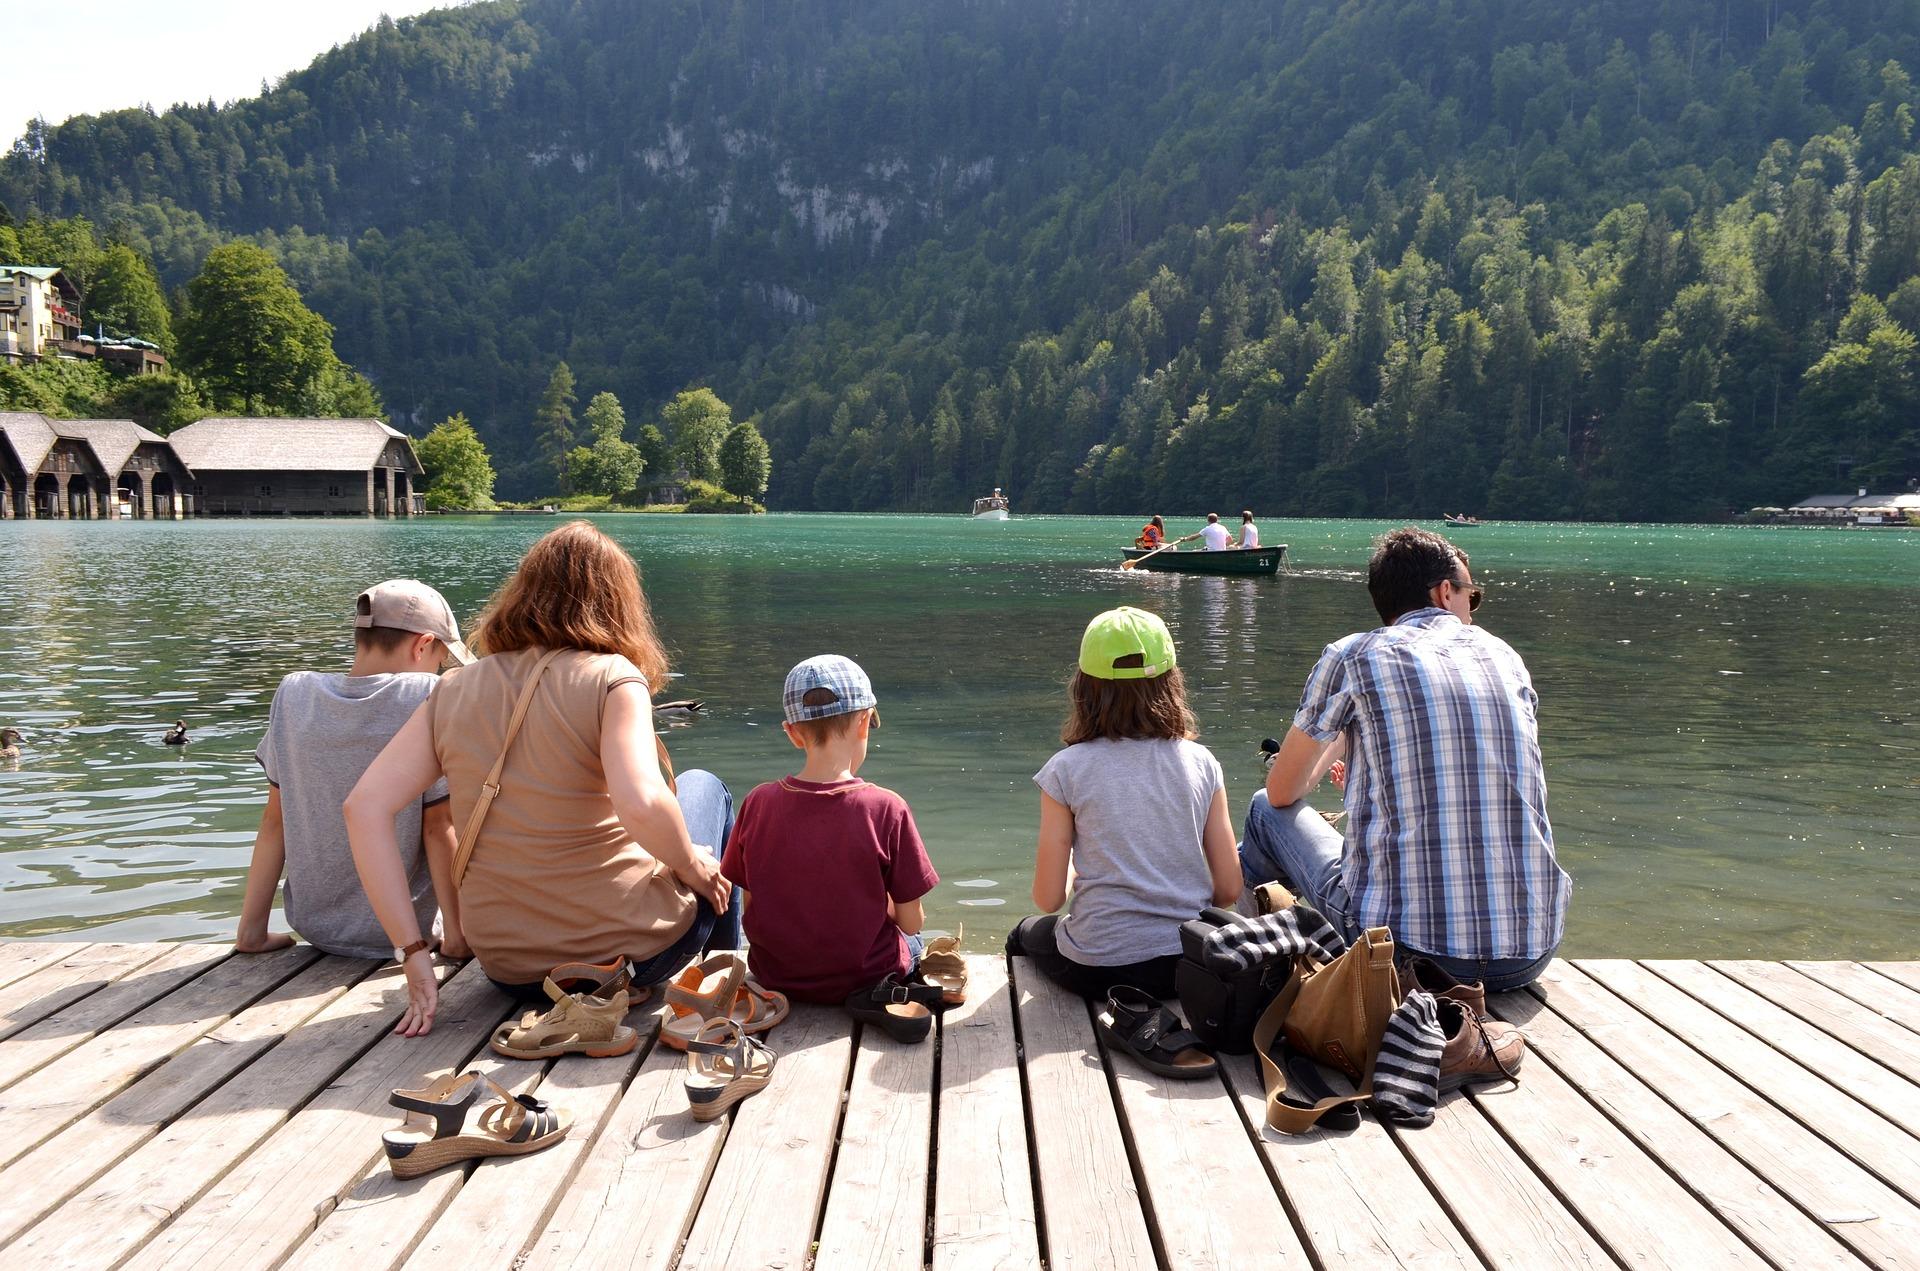 Boek een vakantie bij Pierre et Vacances voor heel het gezin